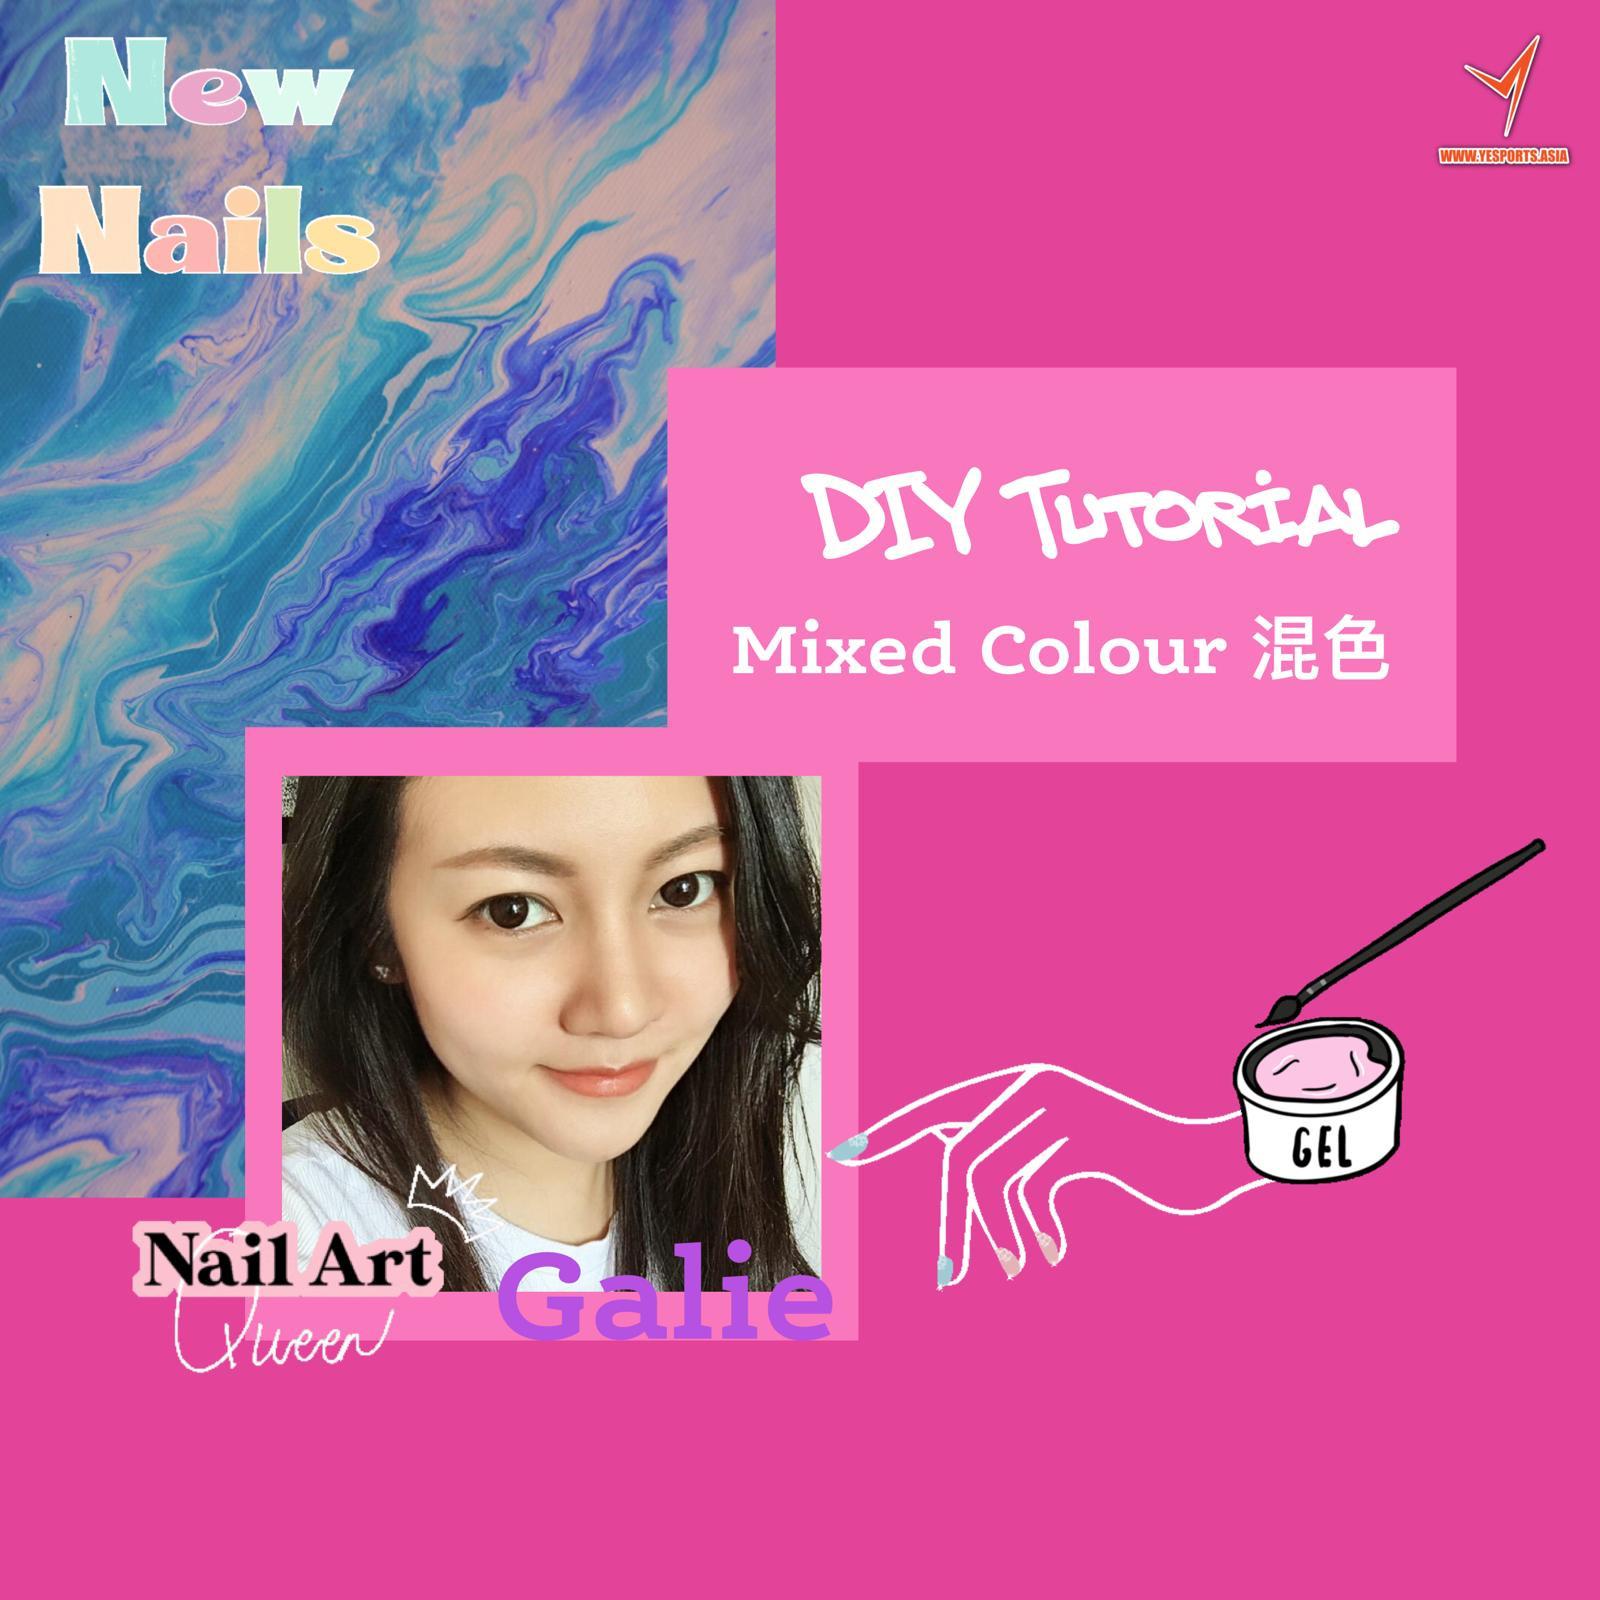 Nail Art - DIY mixed colour nails